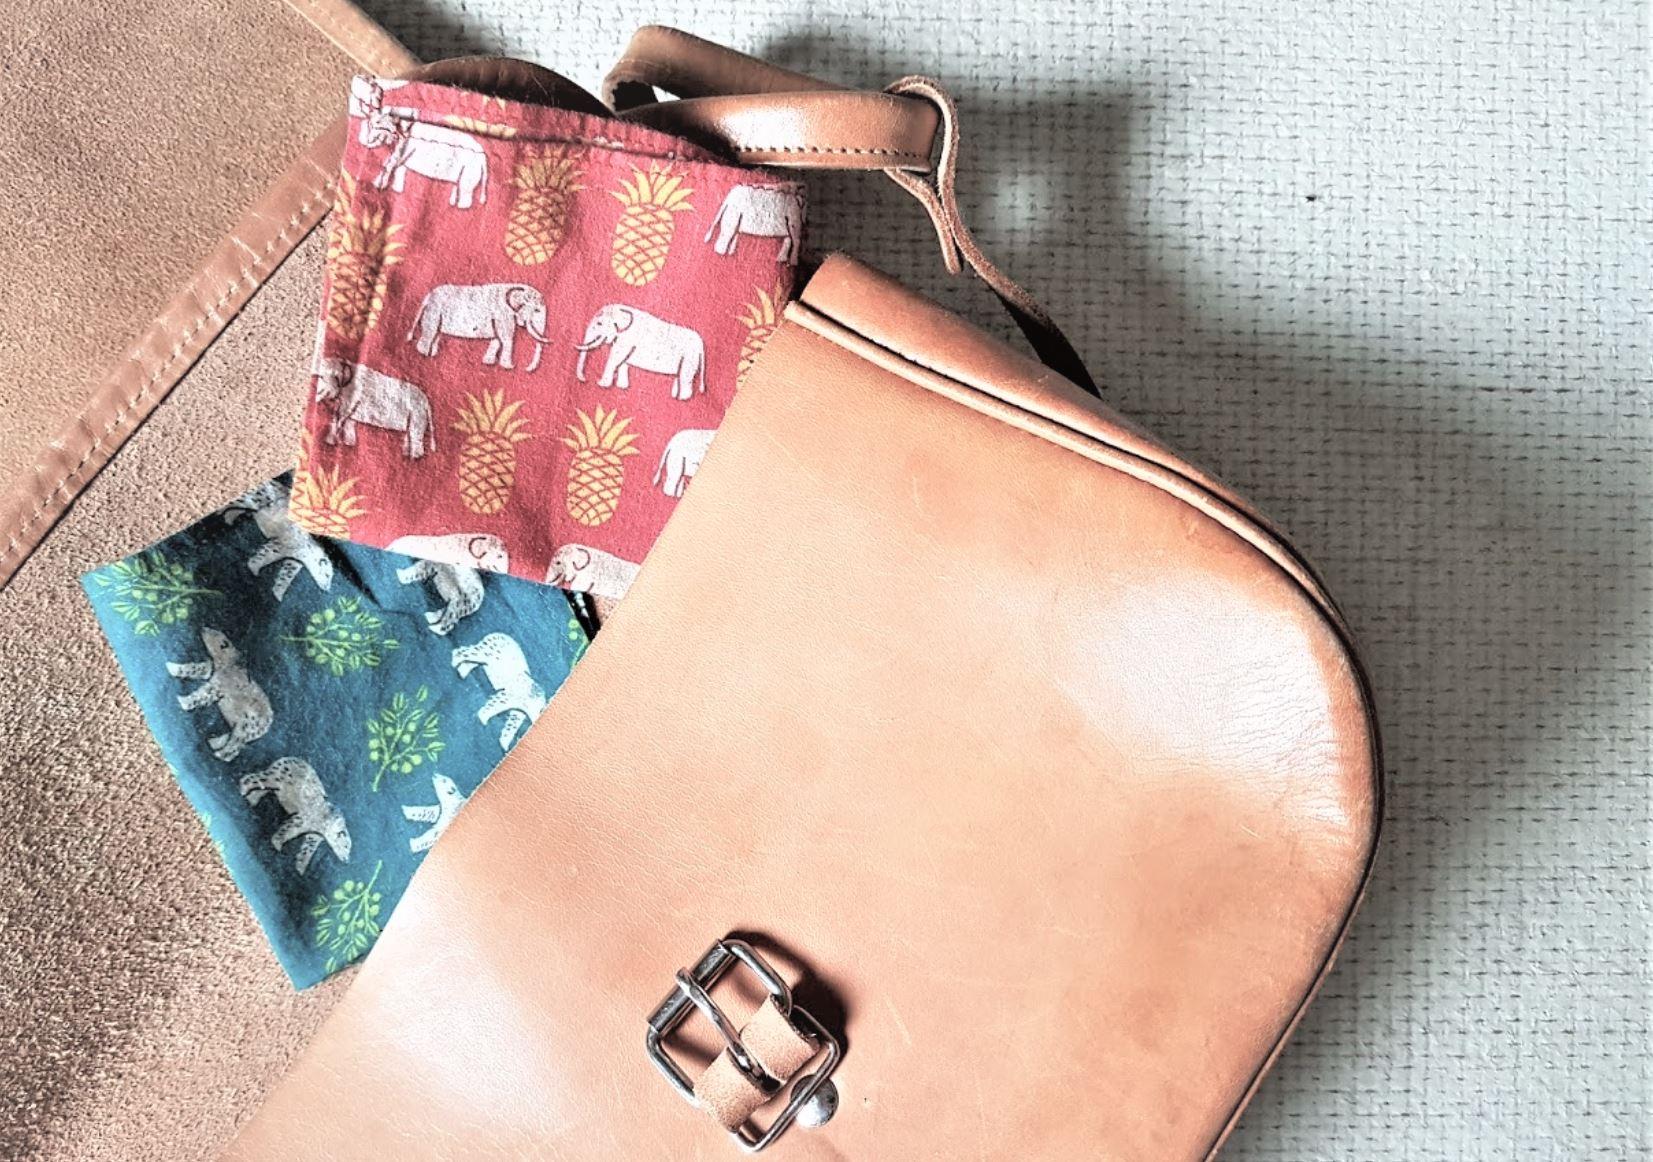 mouchoir en tissu sac lavable réutilisable